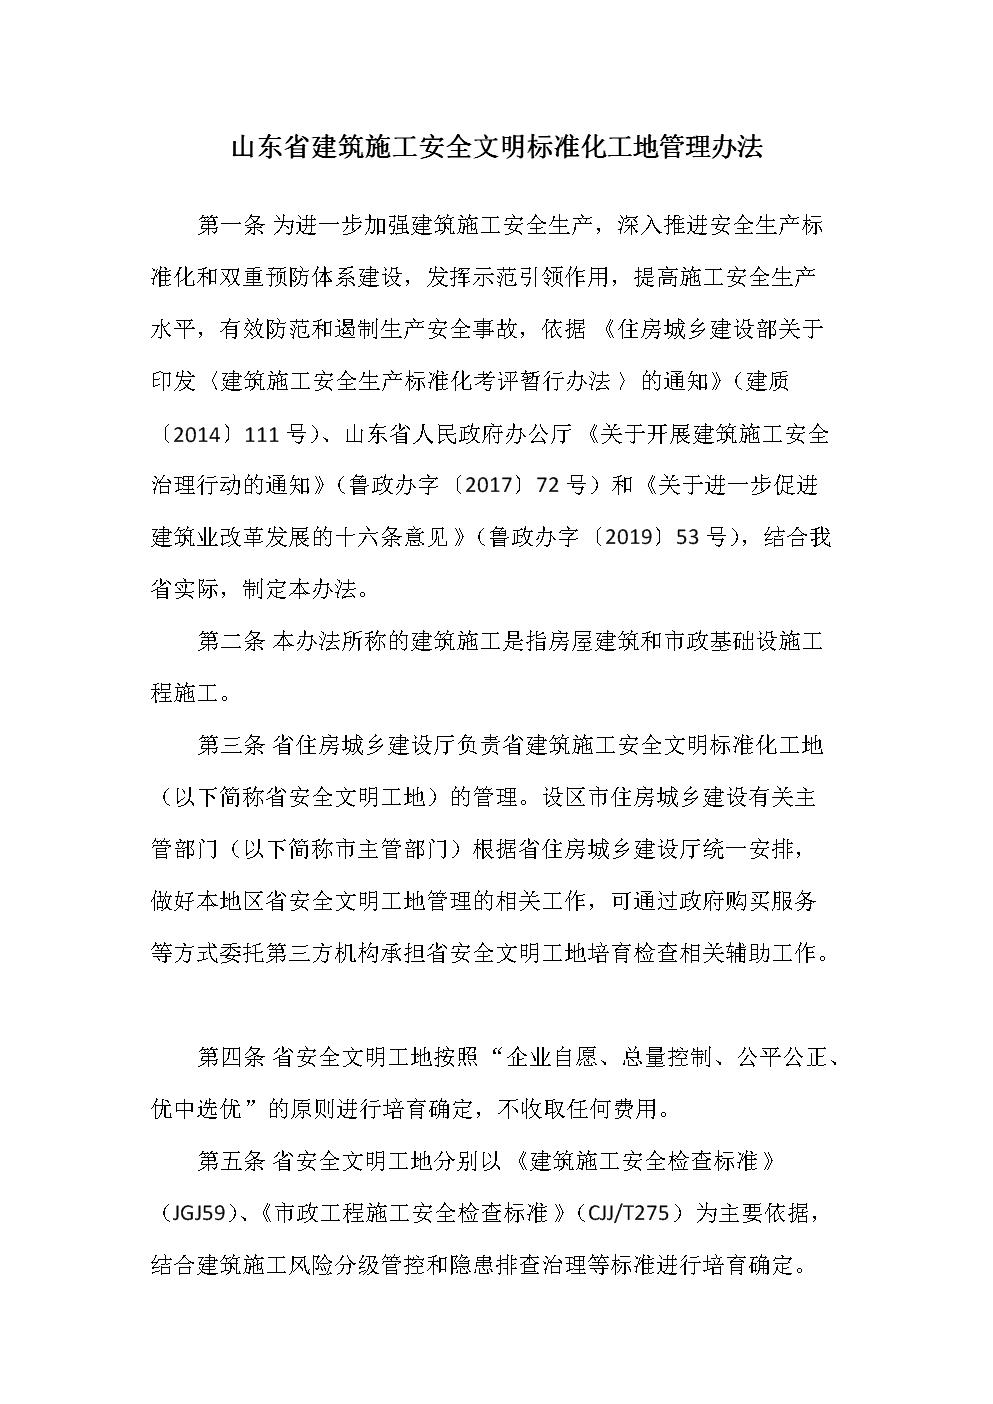 山东《建筑施工安全文明标准化工地管理办法》.docx